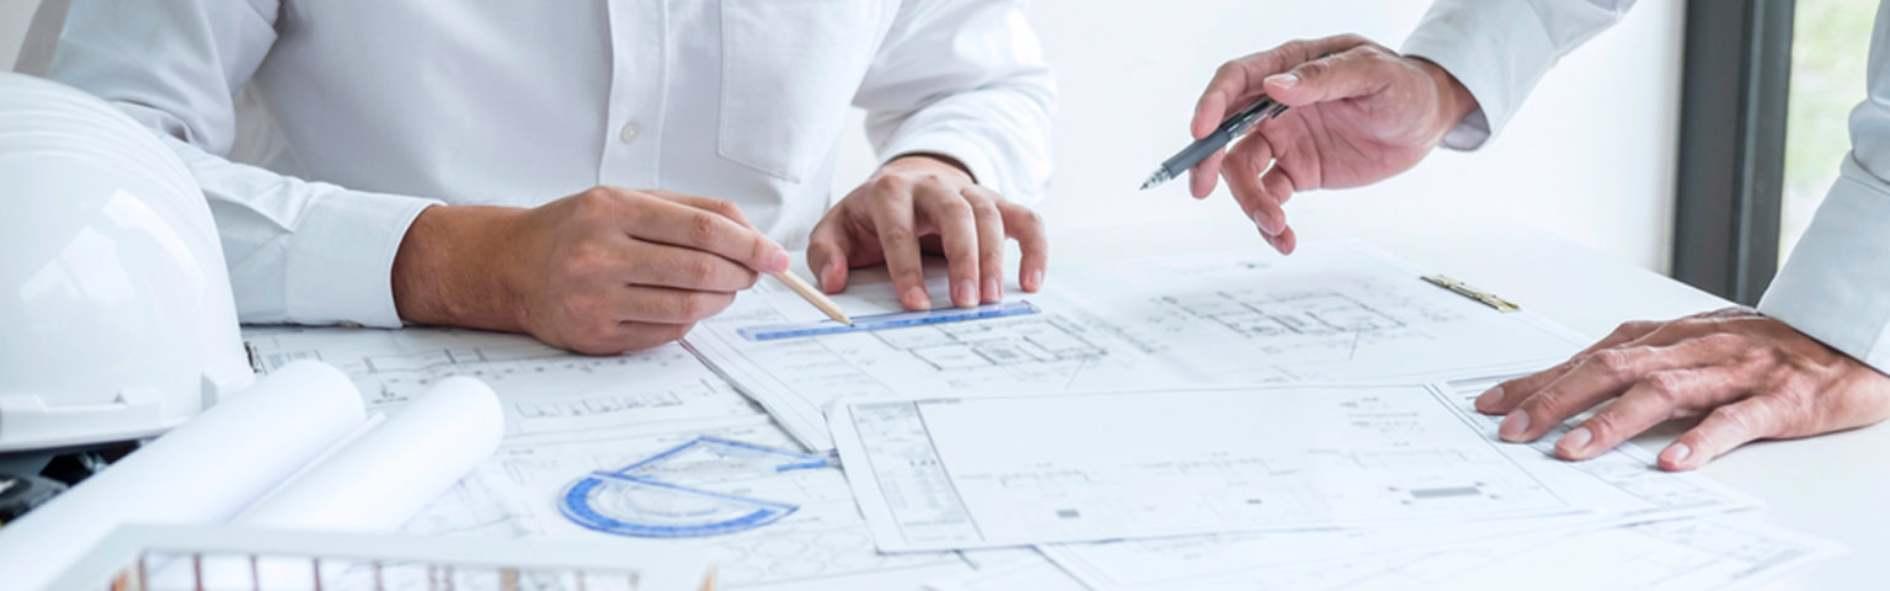 Descubre el proyecto arquitectónico por fases